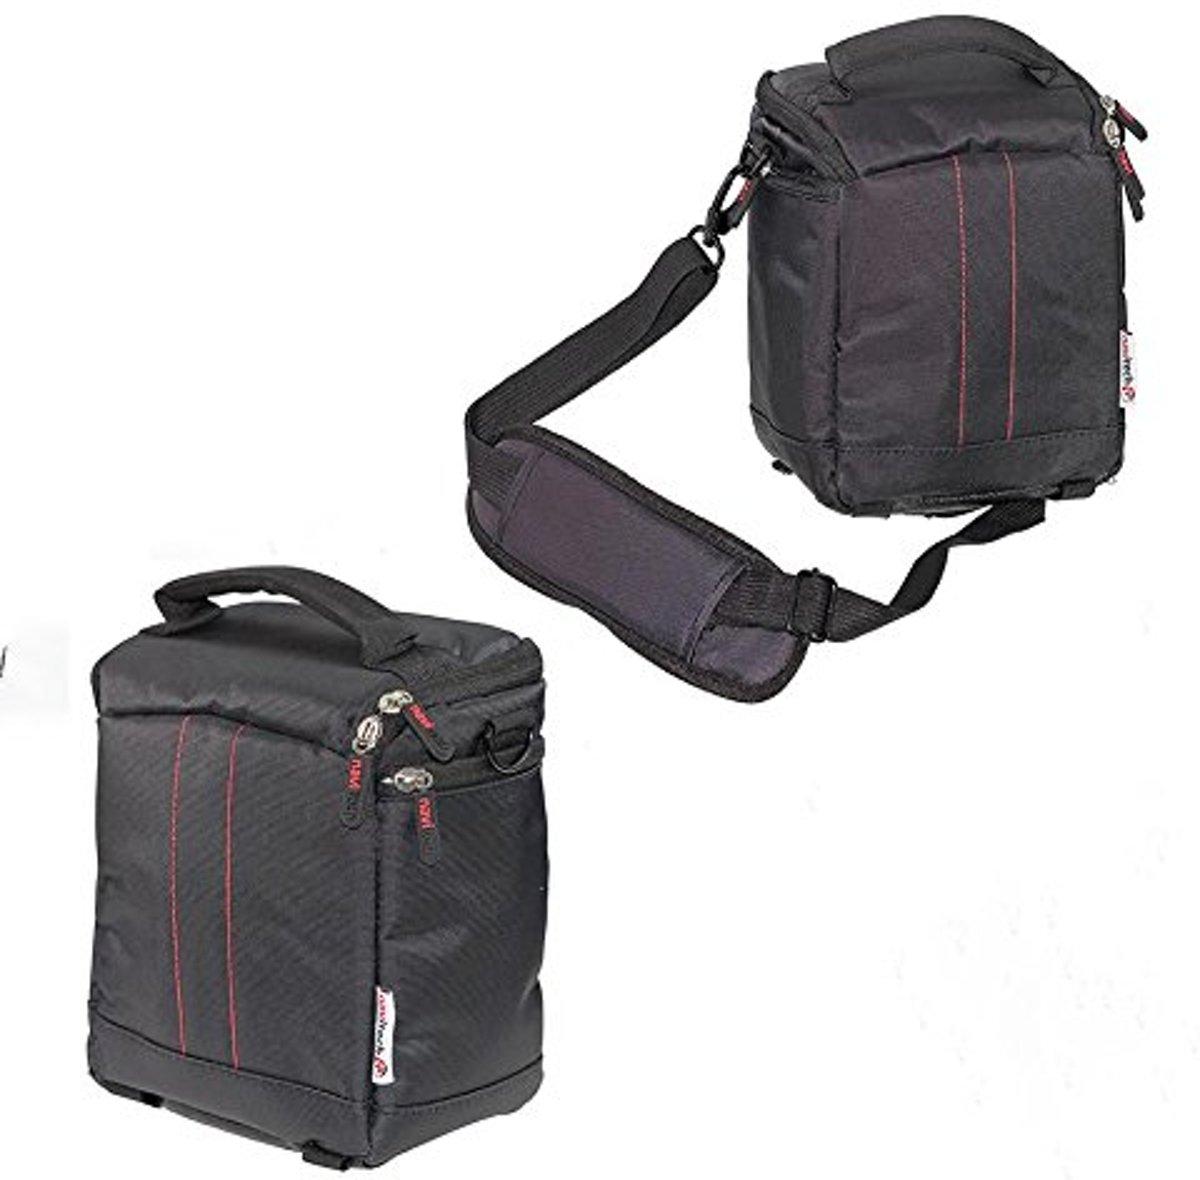 Navitech Zwart Beschermende draagbare projector draagtas en reistas voor de iCodis CB-400 Mini Projector kopen